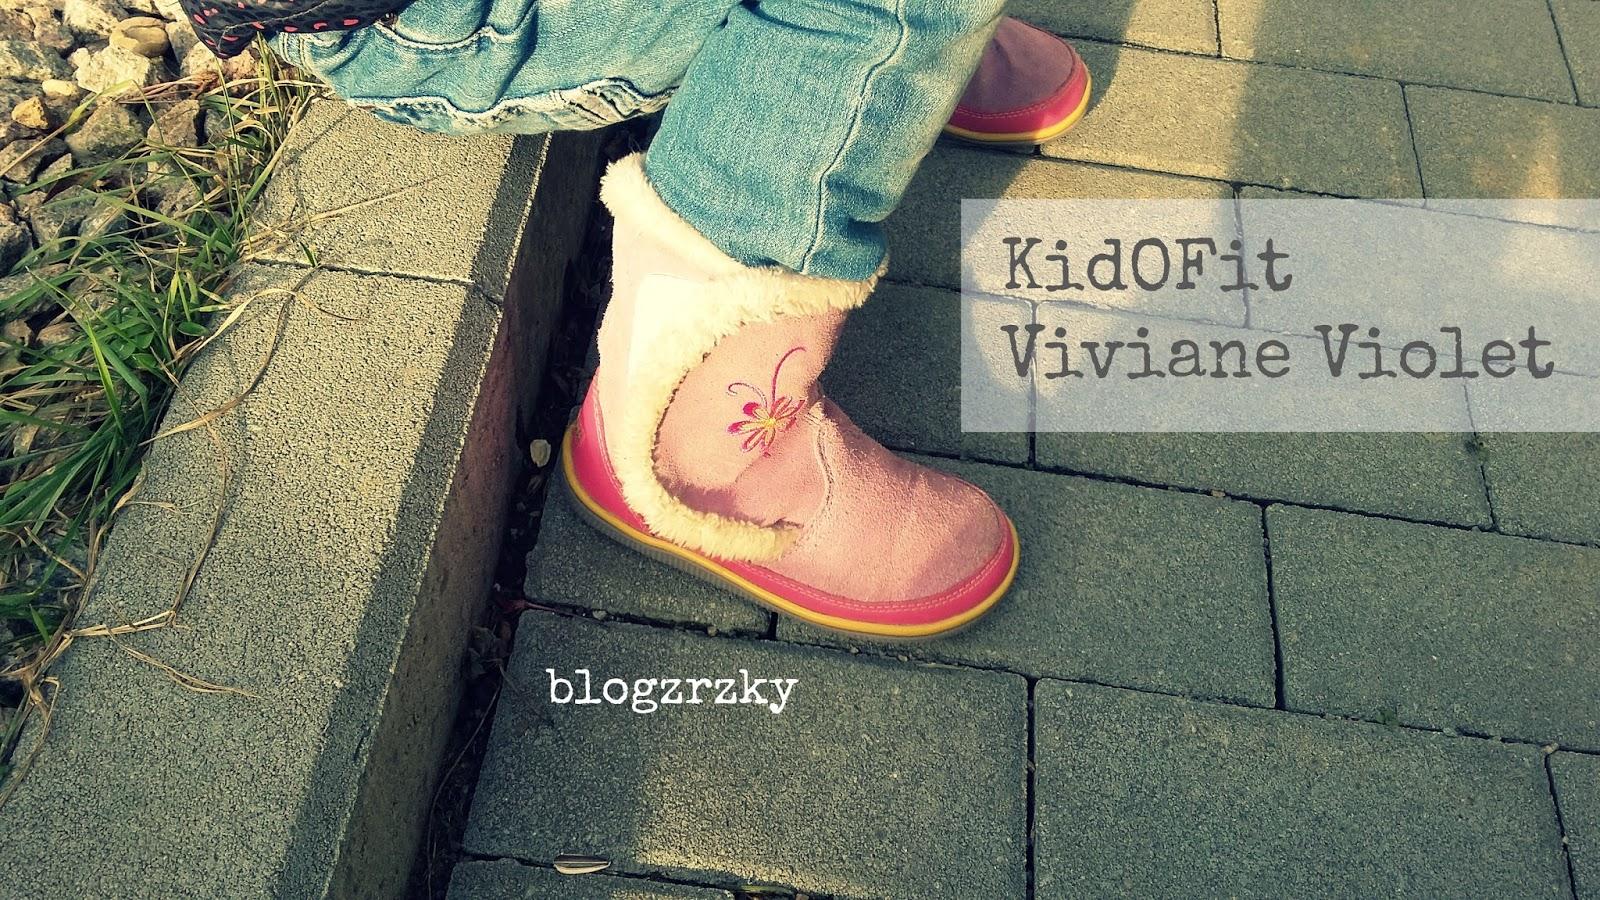 V polovině listopadu jsem tedy Klárce koupila celokožené zimní boty KidOFit  Viviane Violet bdfb7625f9